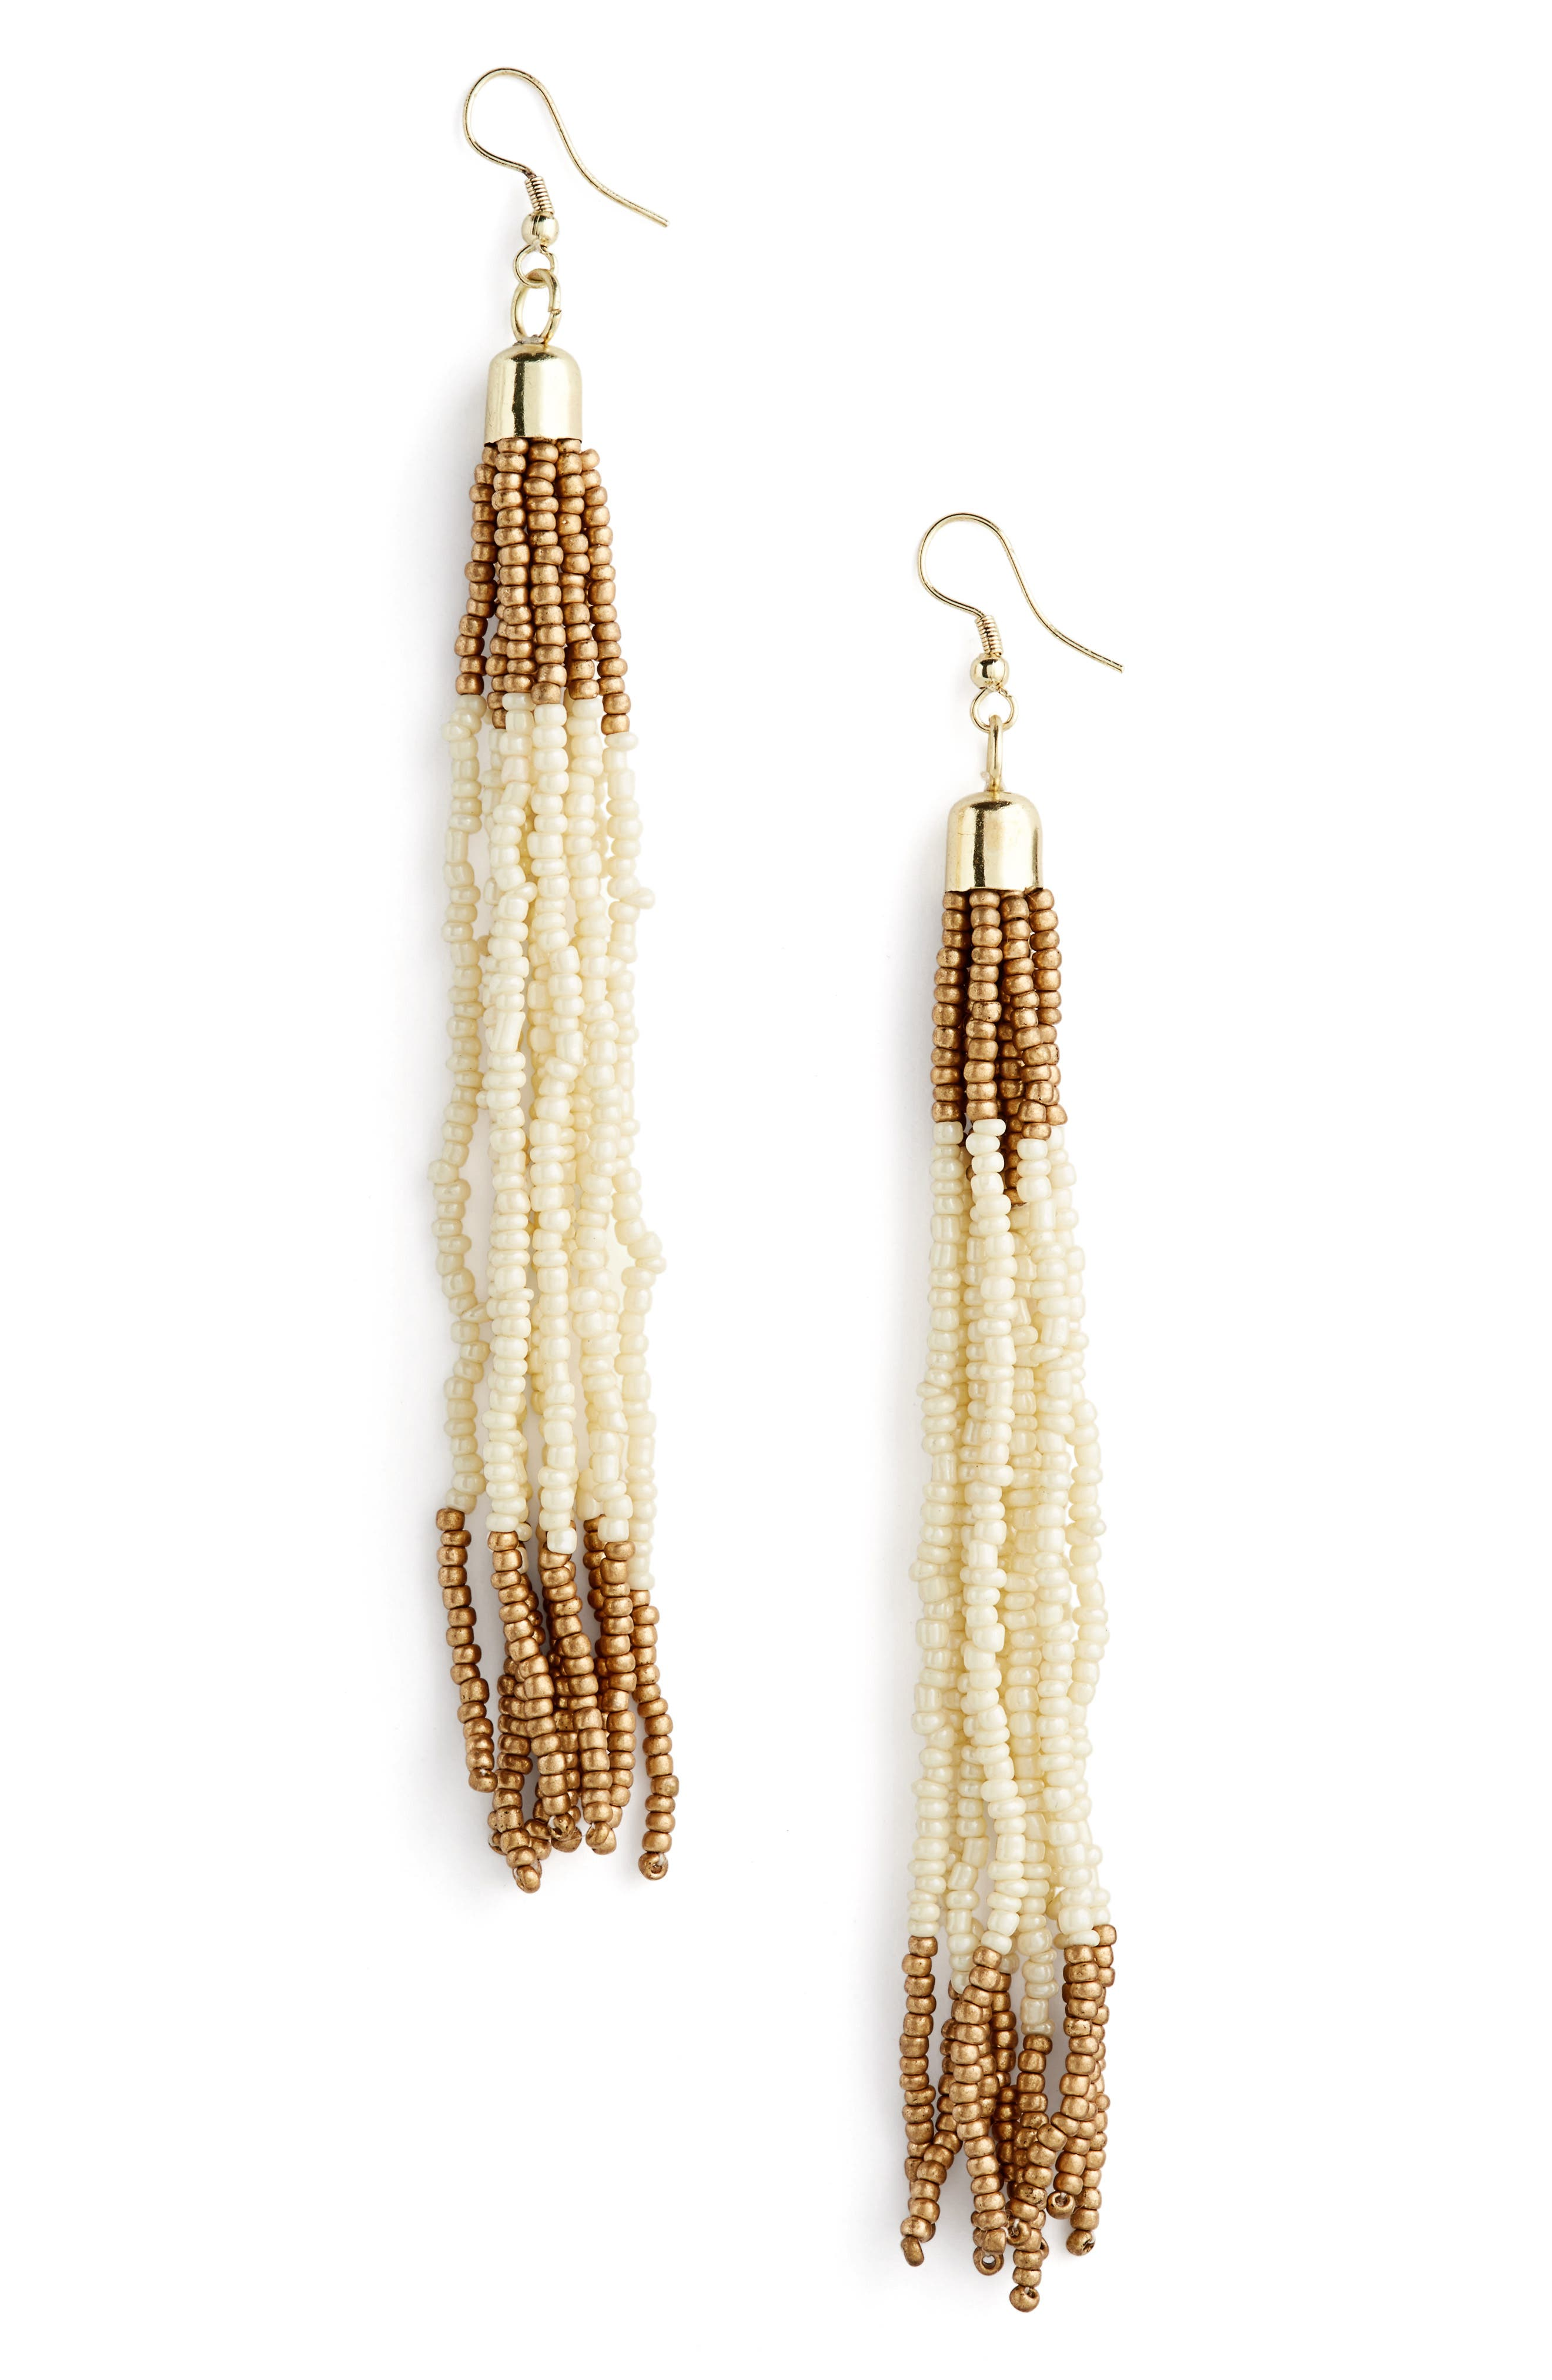 Tasha Beaded Tassel Earrings